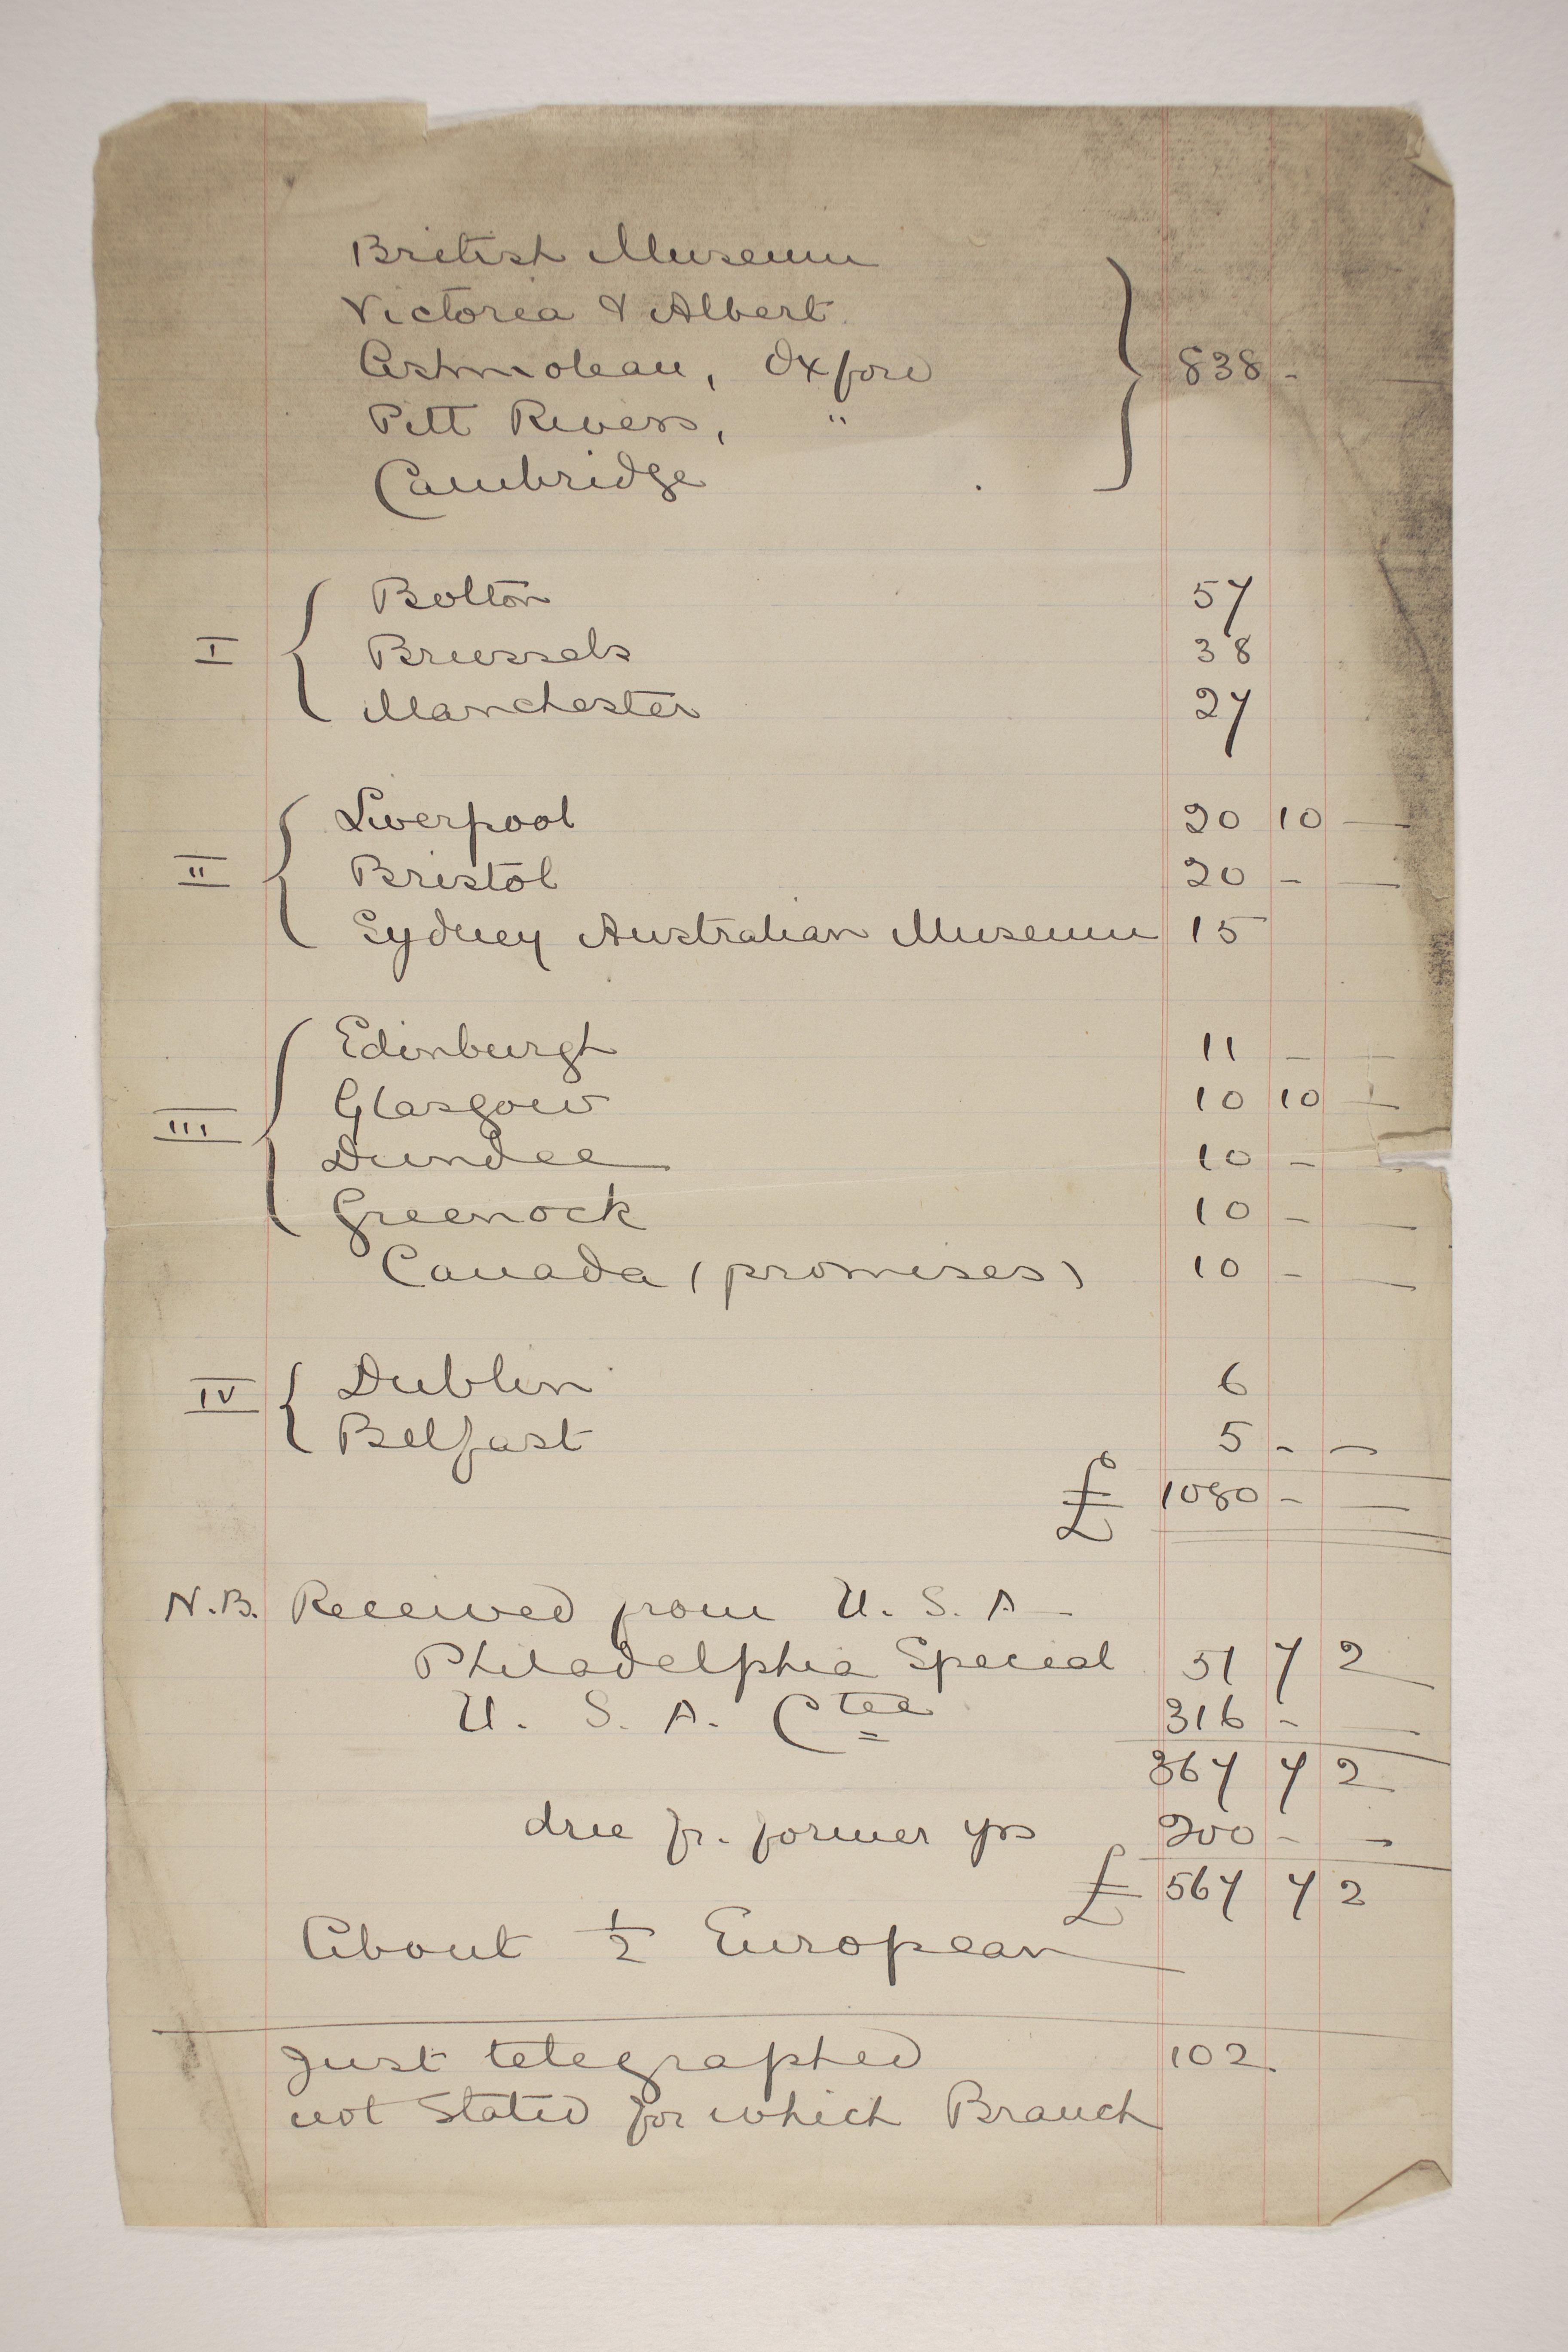 1903-04 Abydos, Ihnasya, Tell el-Fara'in, Saqqara, Gurob, Deir el-Bahri, Oxyrhynchus Multiple institution list PMA/WFP1/D/12/1